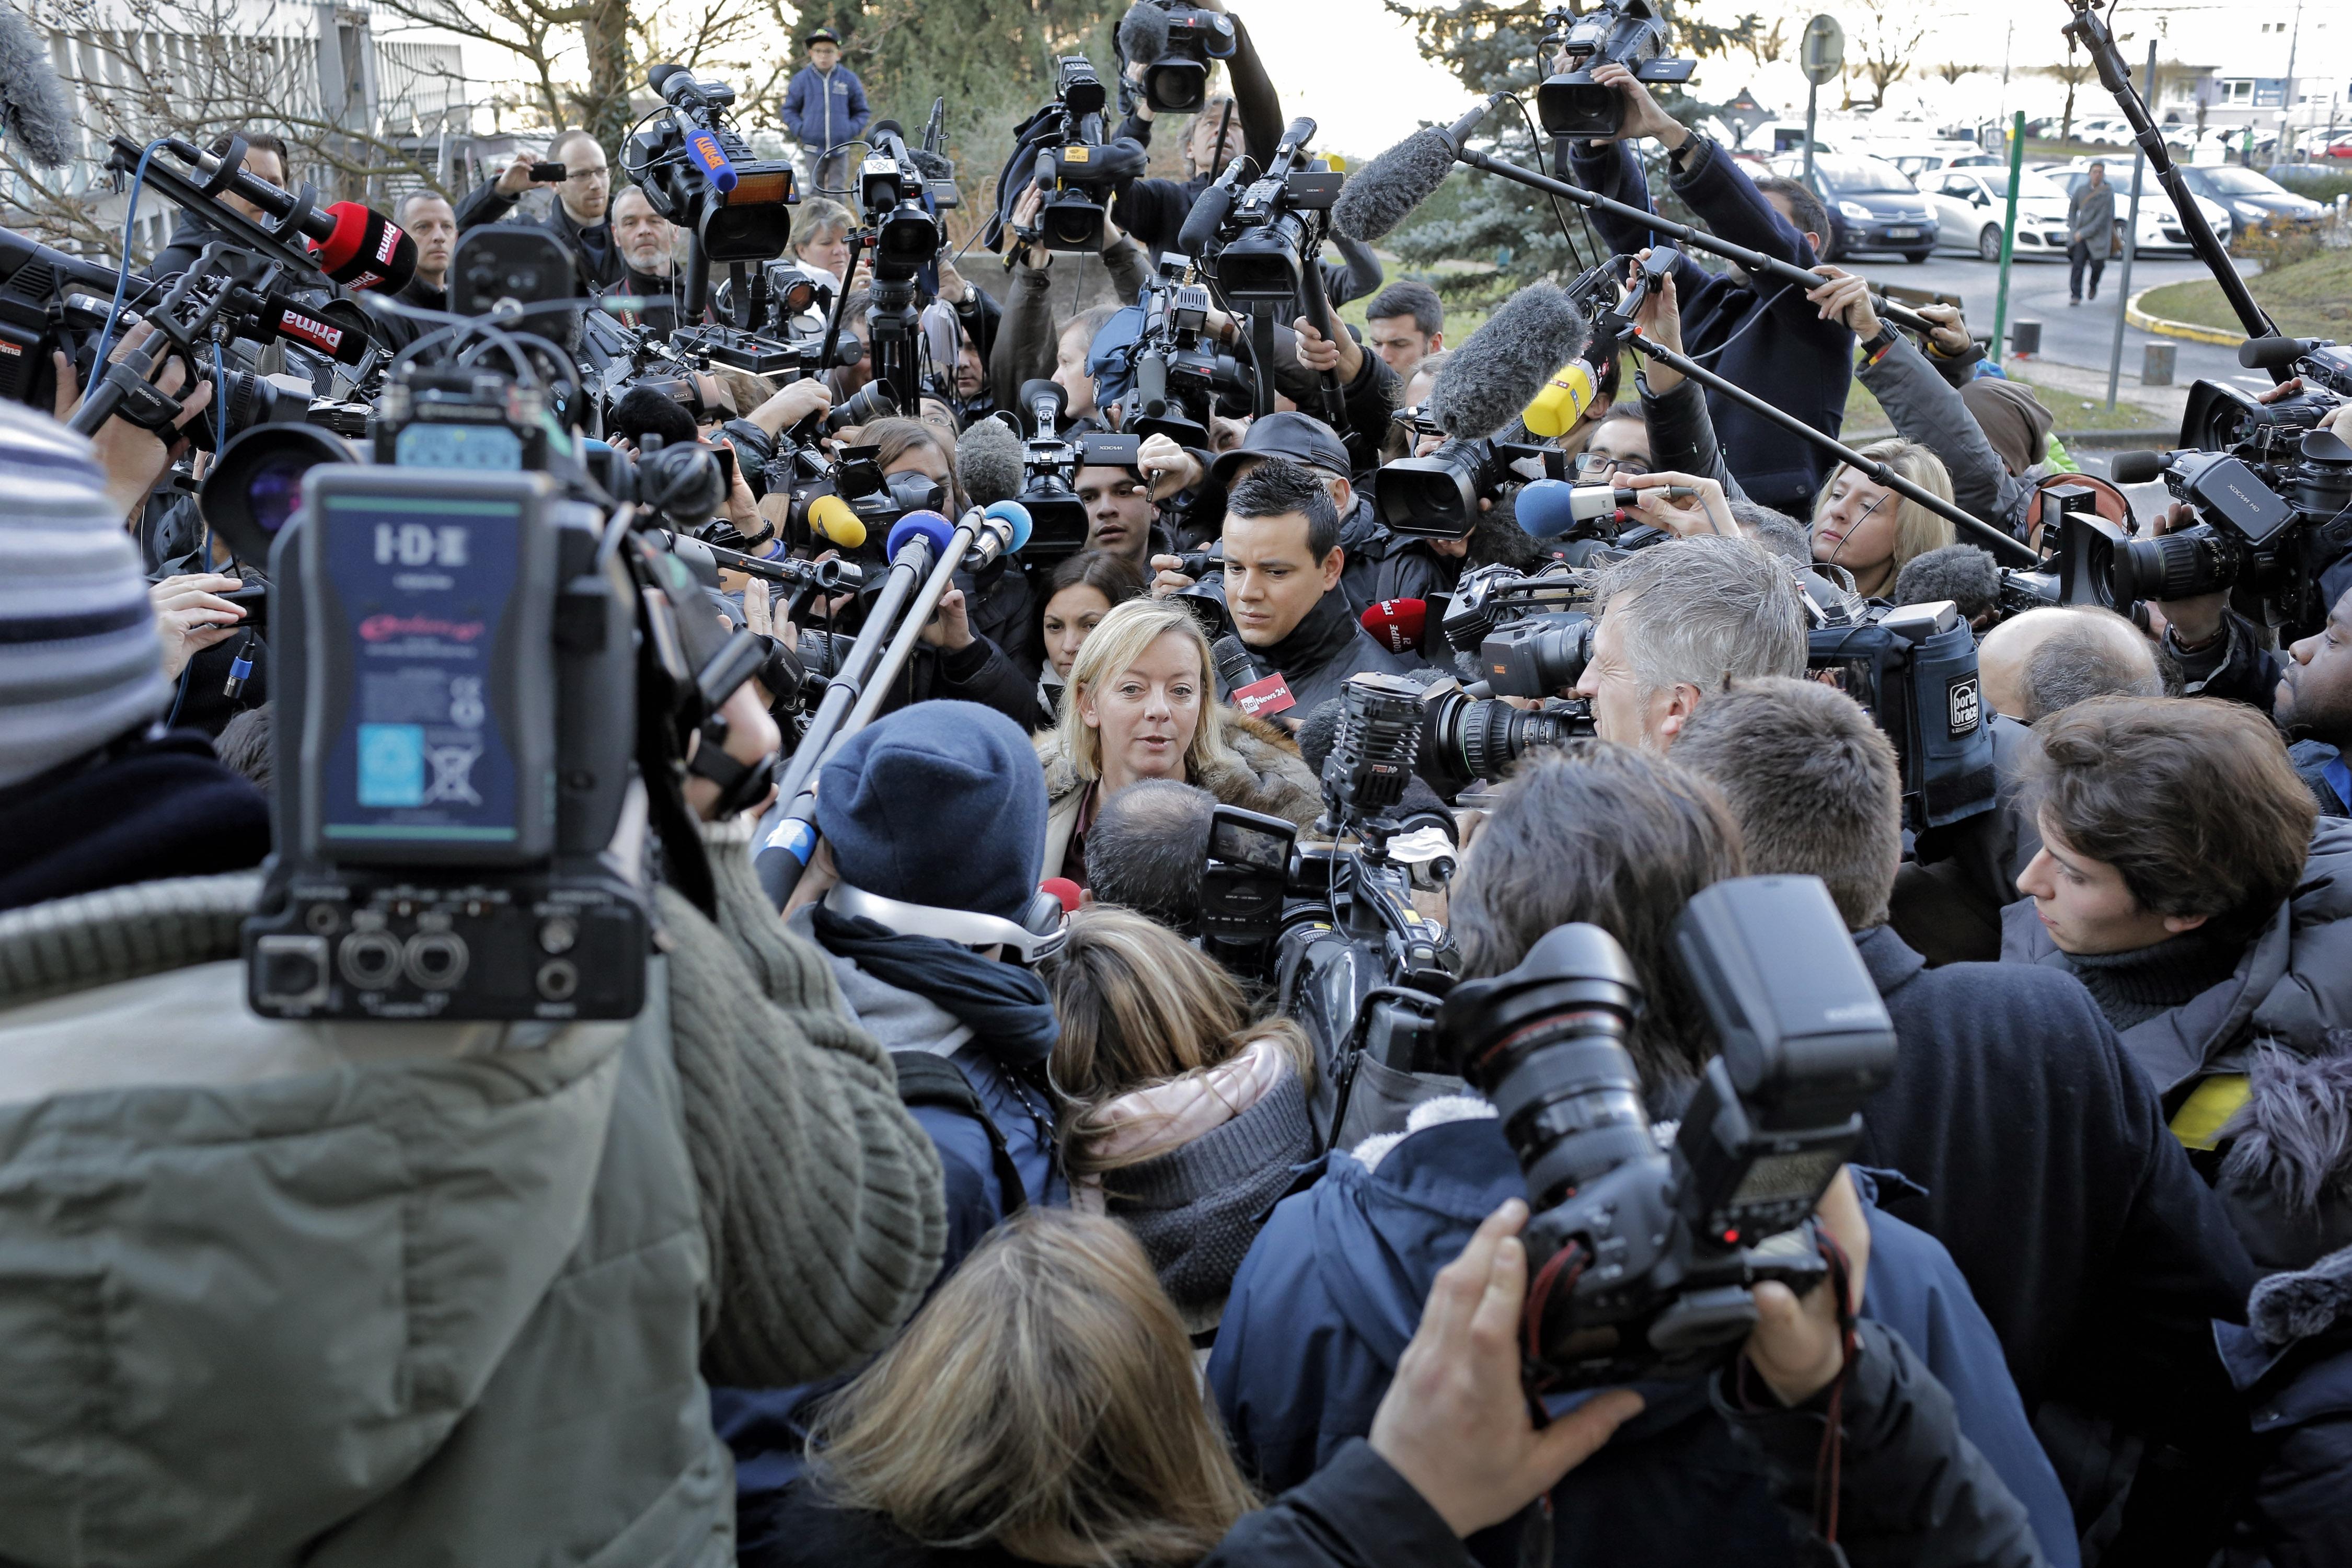 Пресс-секретарь Михаэля Шумахера Сабин Кем в окружении журналистов